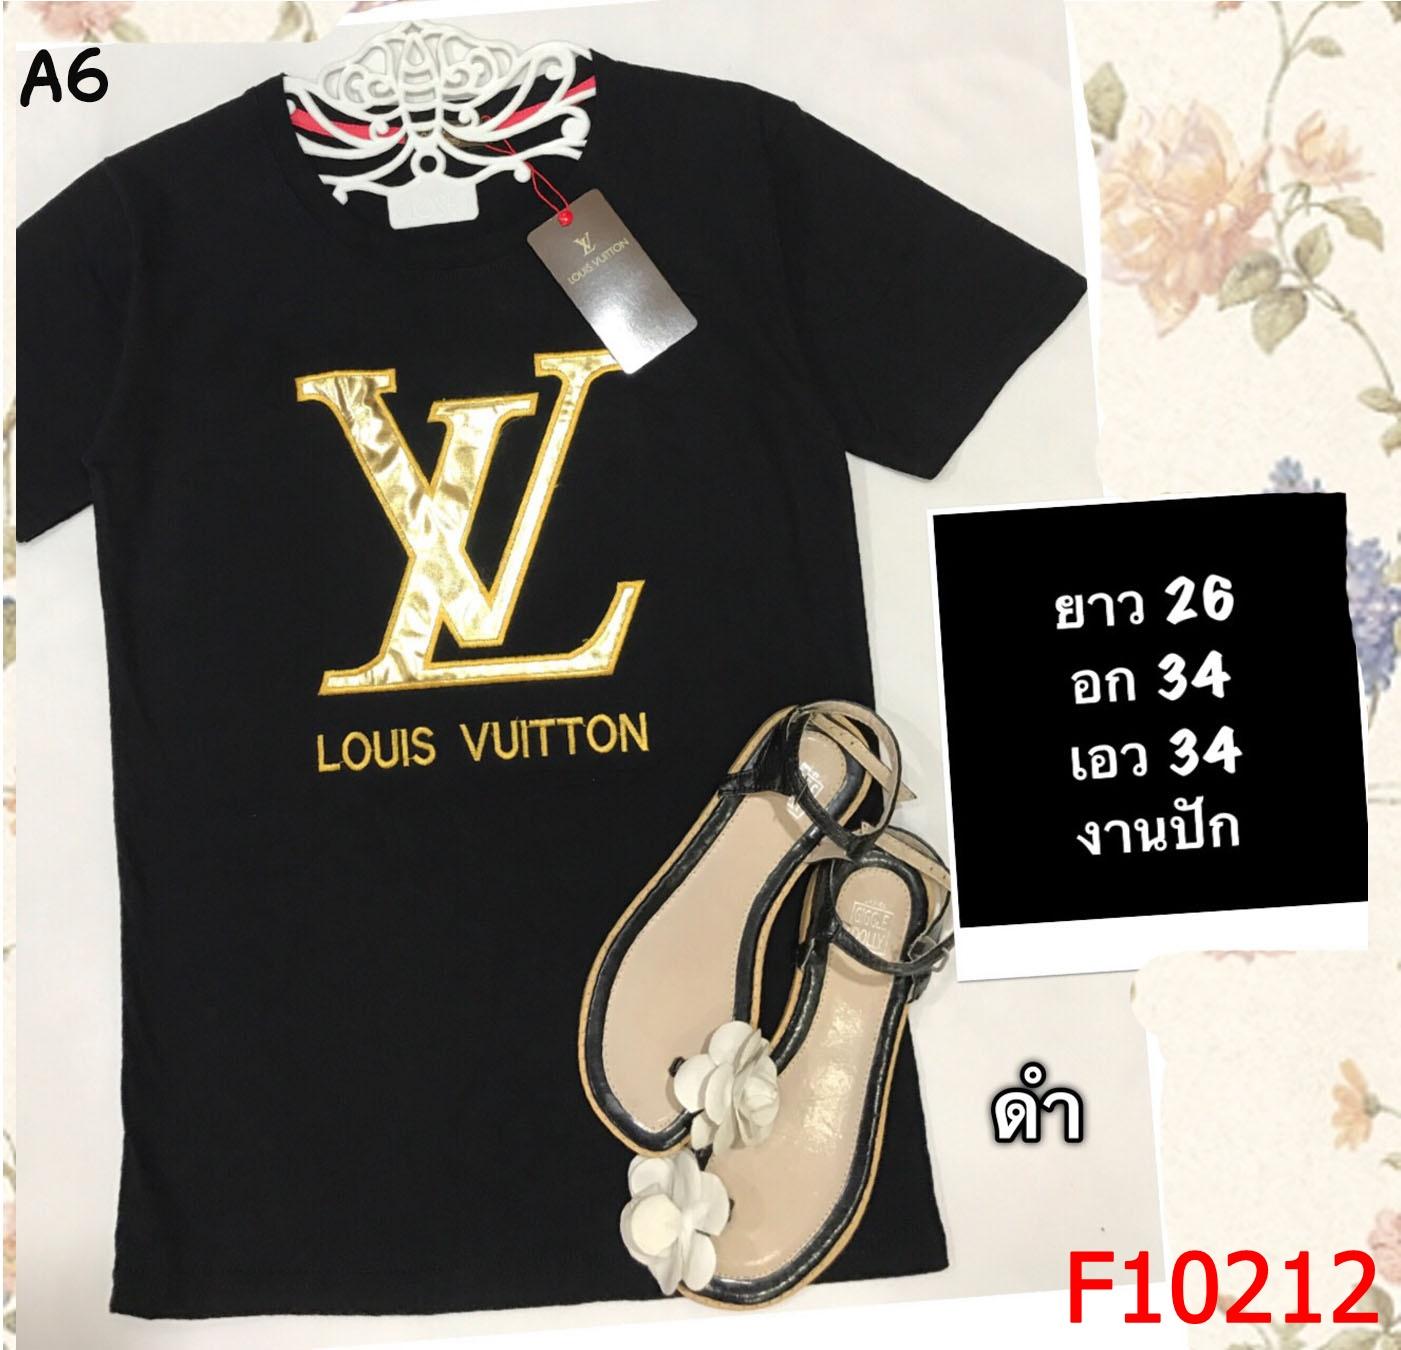 F10212 เสื้อยืด คอกลม สีดำ งานปัก ลาย LV (หลุยส์)